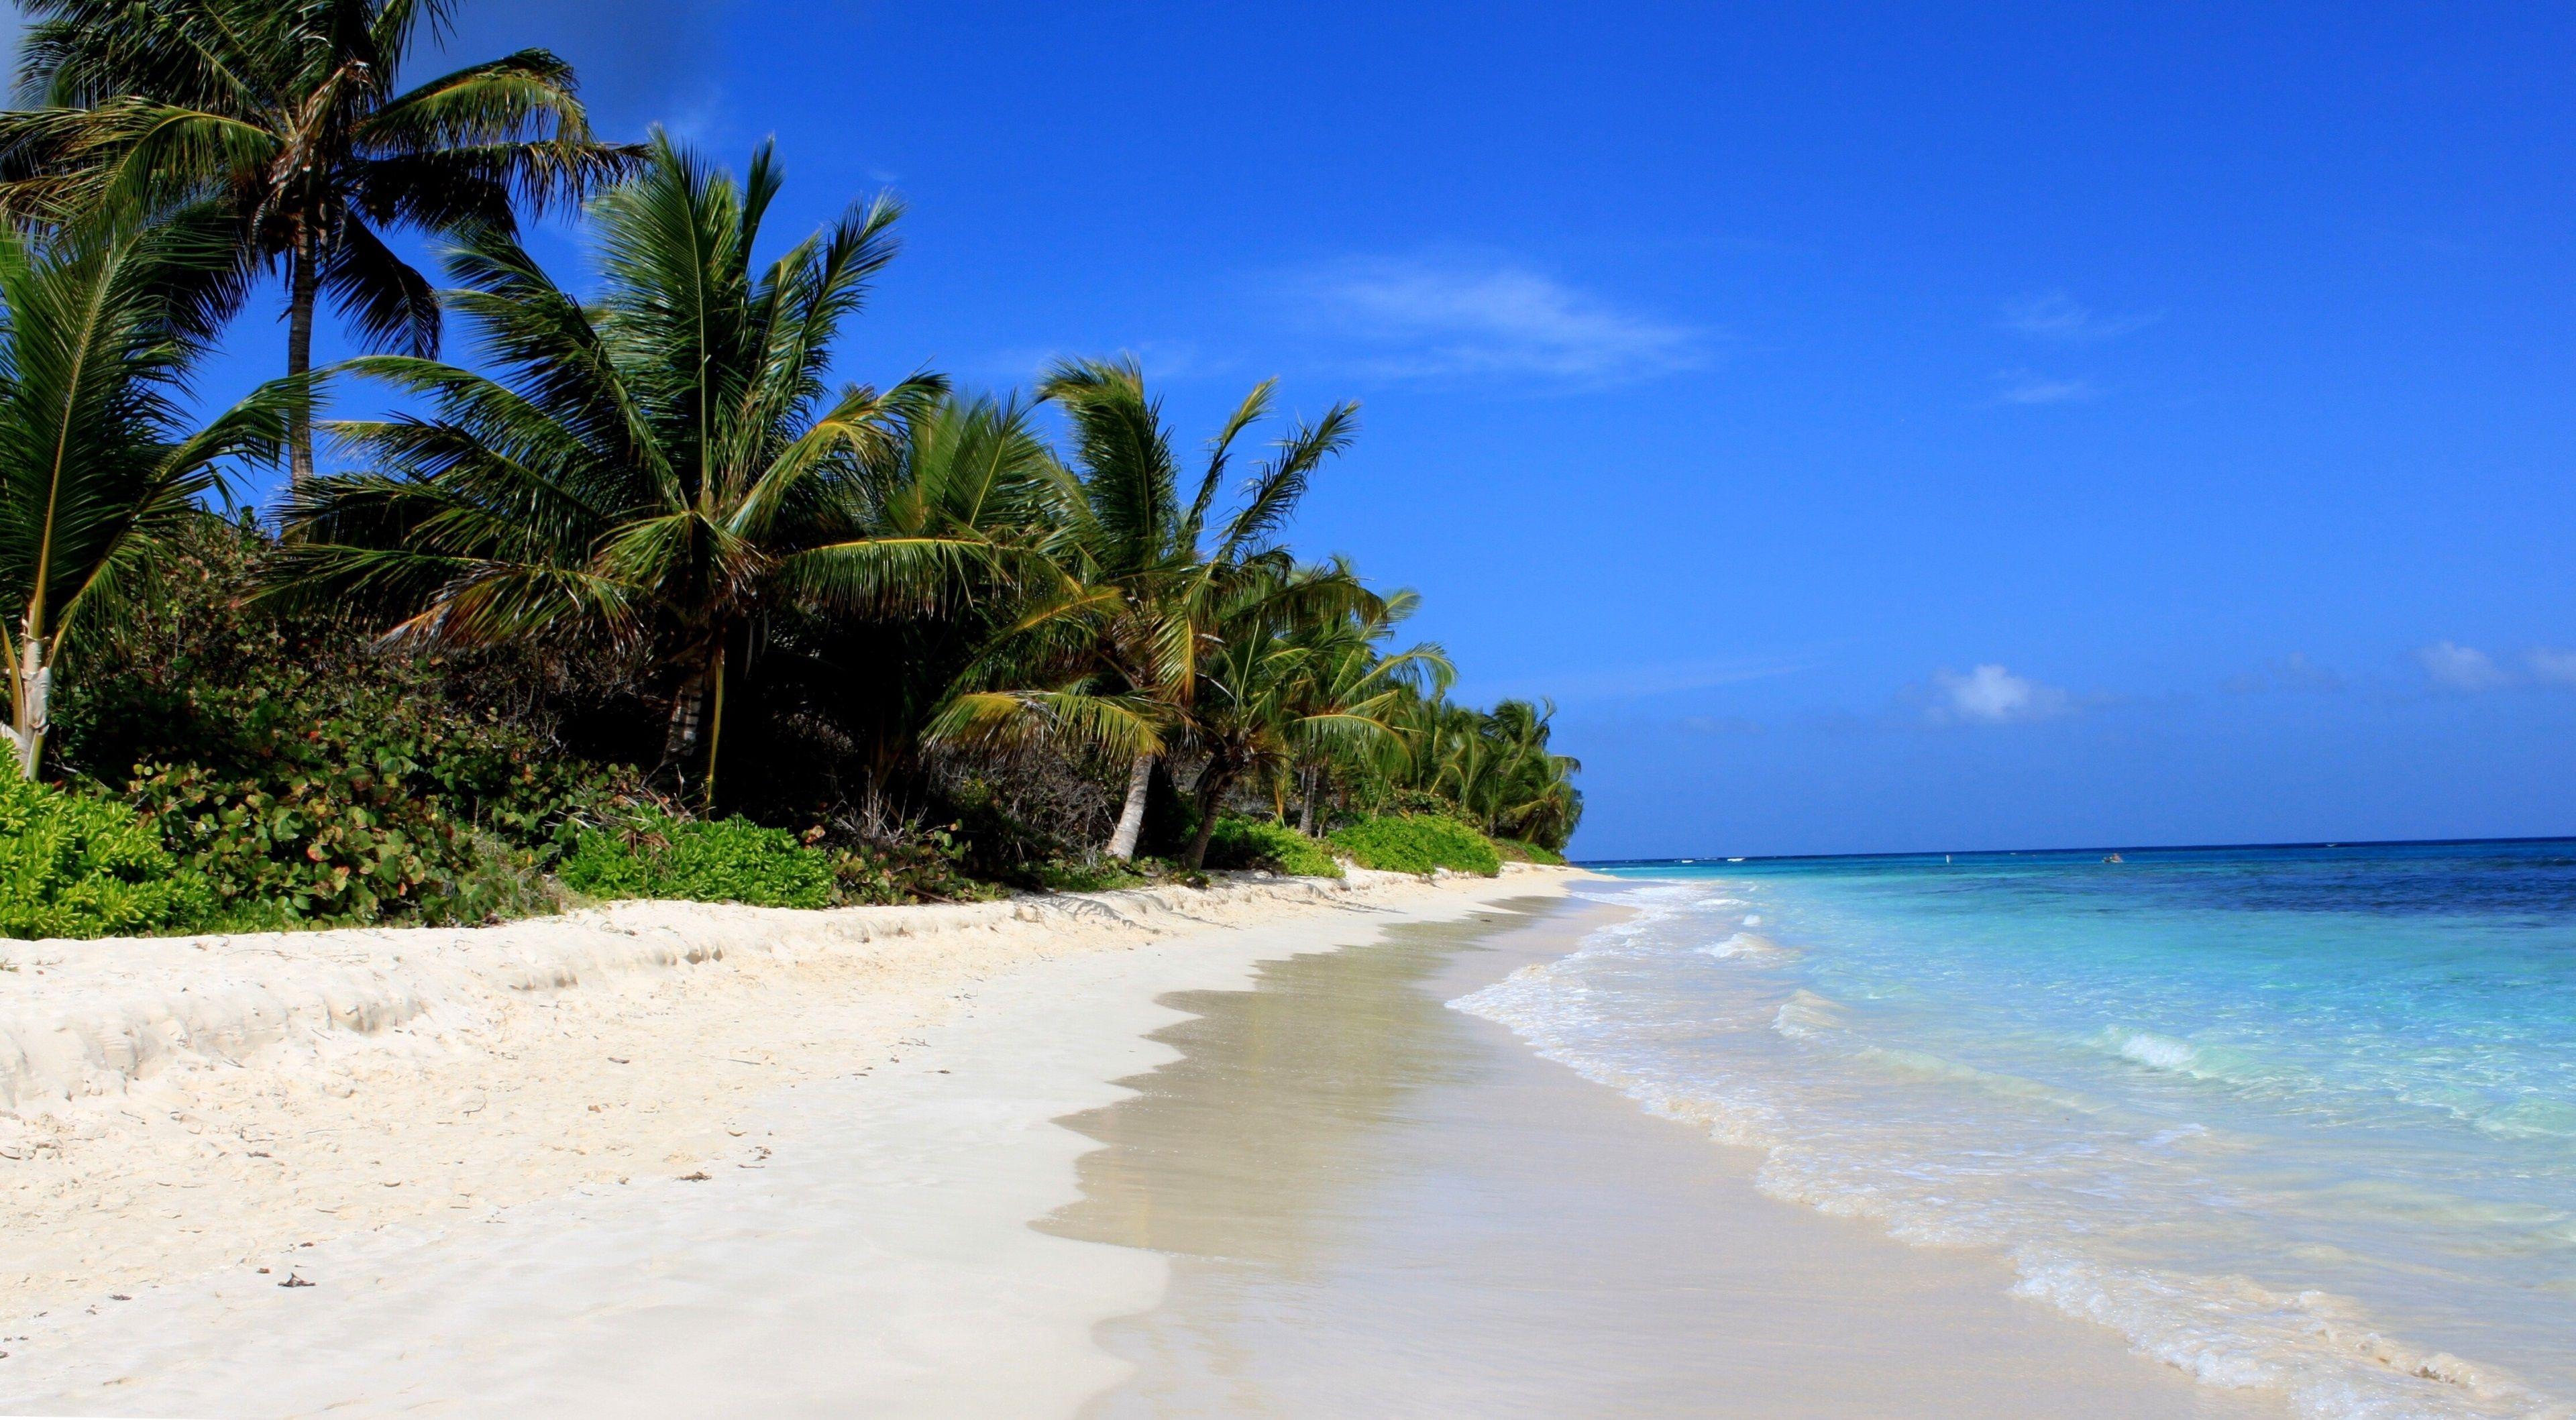 3840x2117 flamenco beach 4k high resolution picture